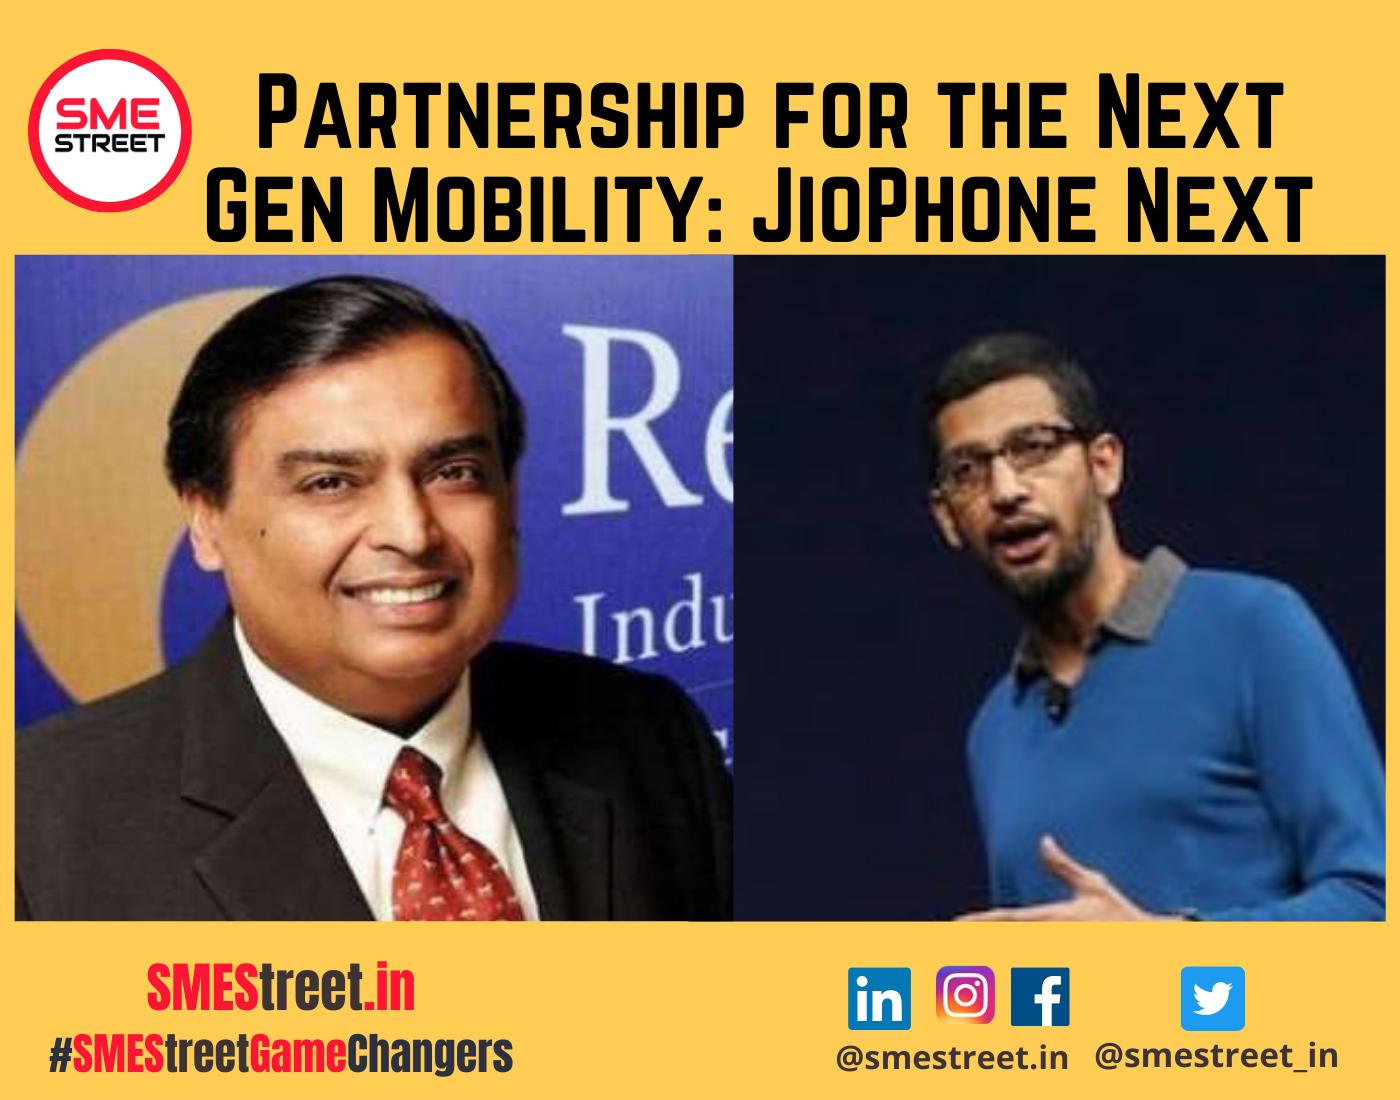 Reliance Jio, Google, Mukesh Ambani, Sunder Pichai, JioPhone Next, SMEStreet